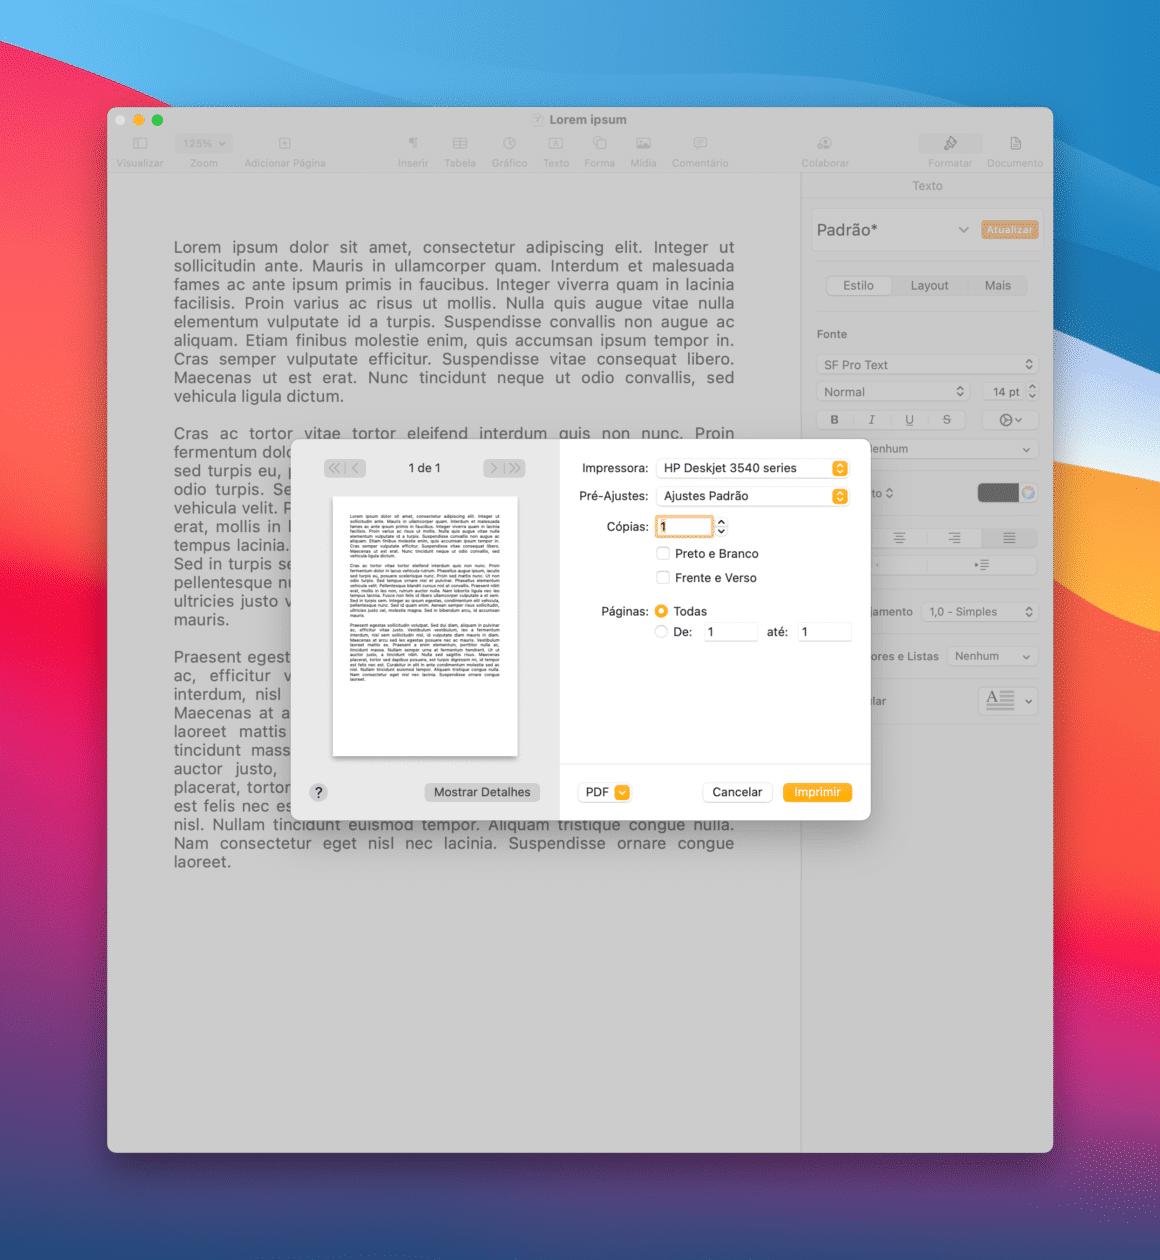 Imprimindo usando o AirPrint no Mac